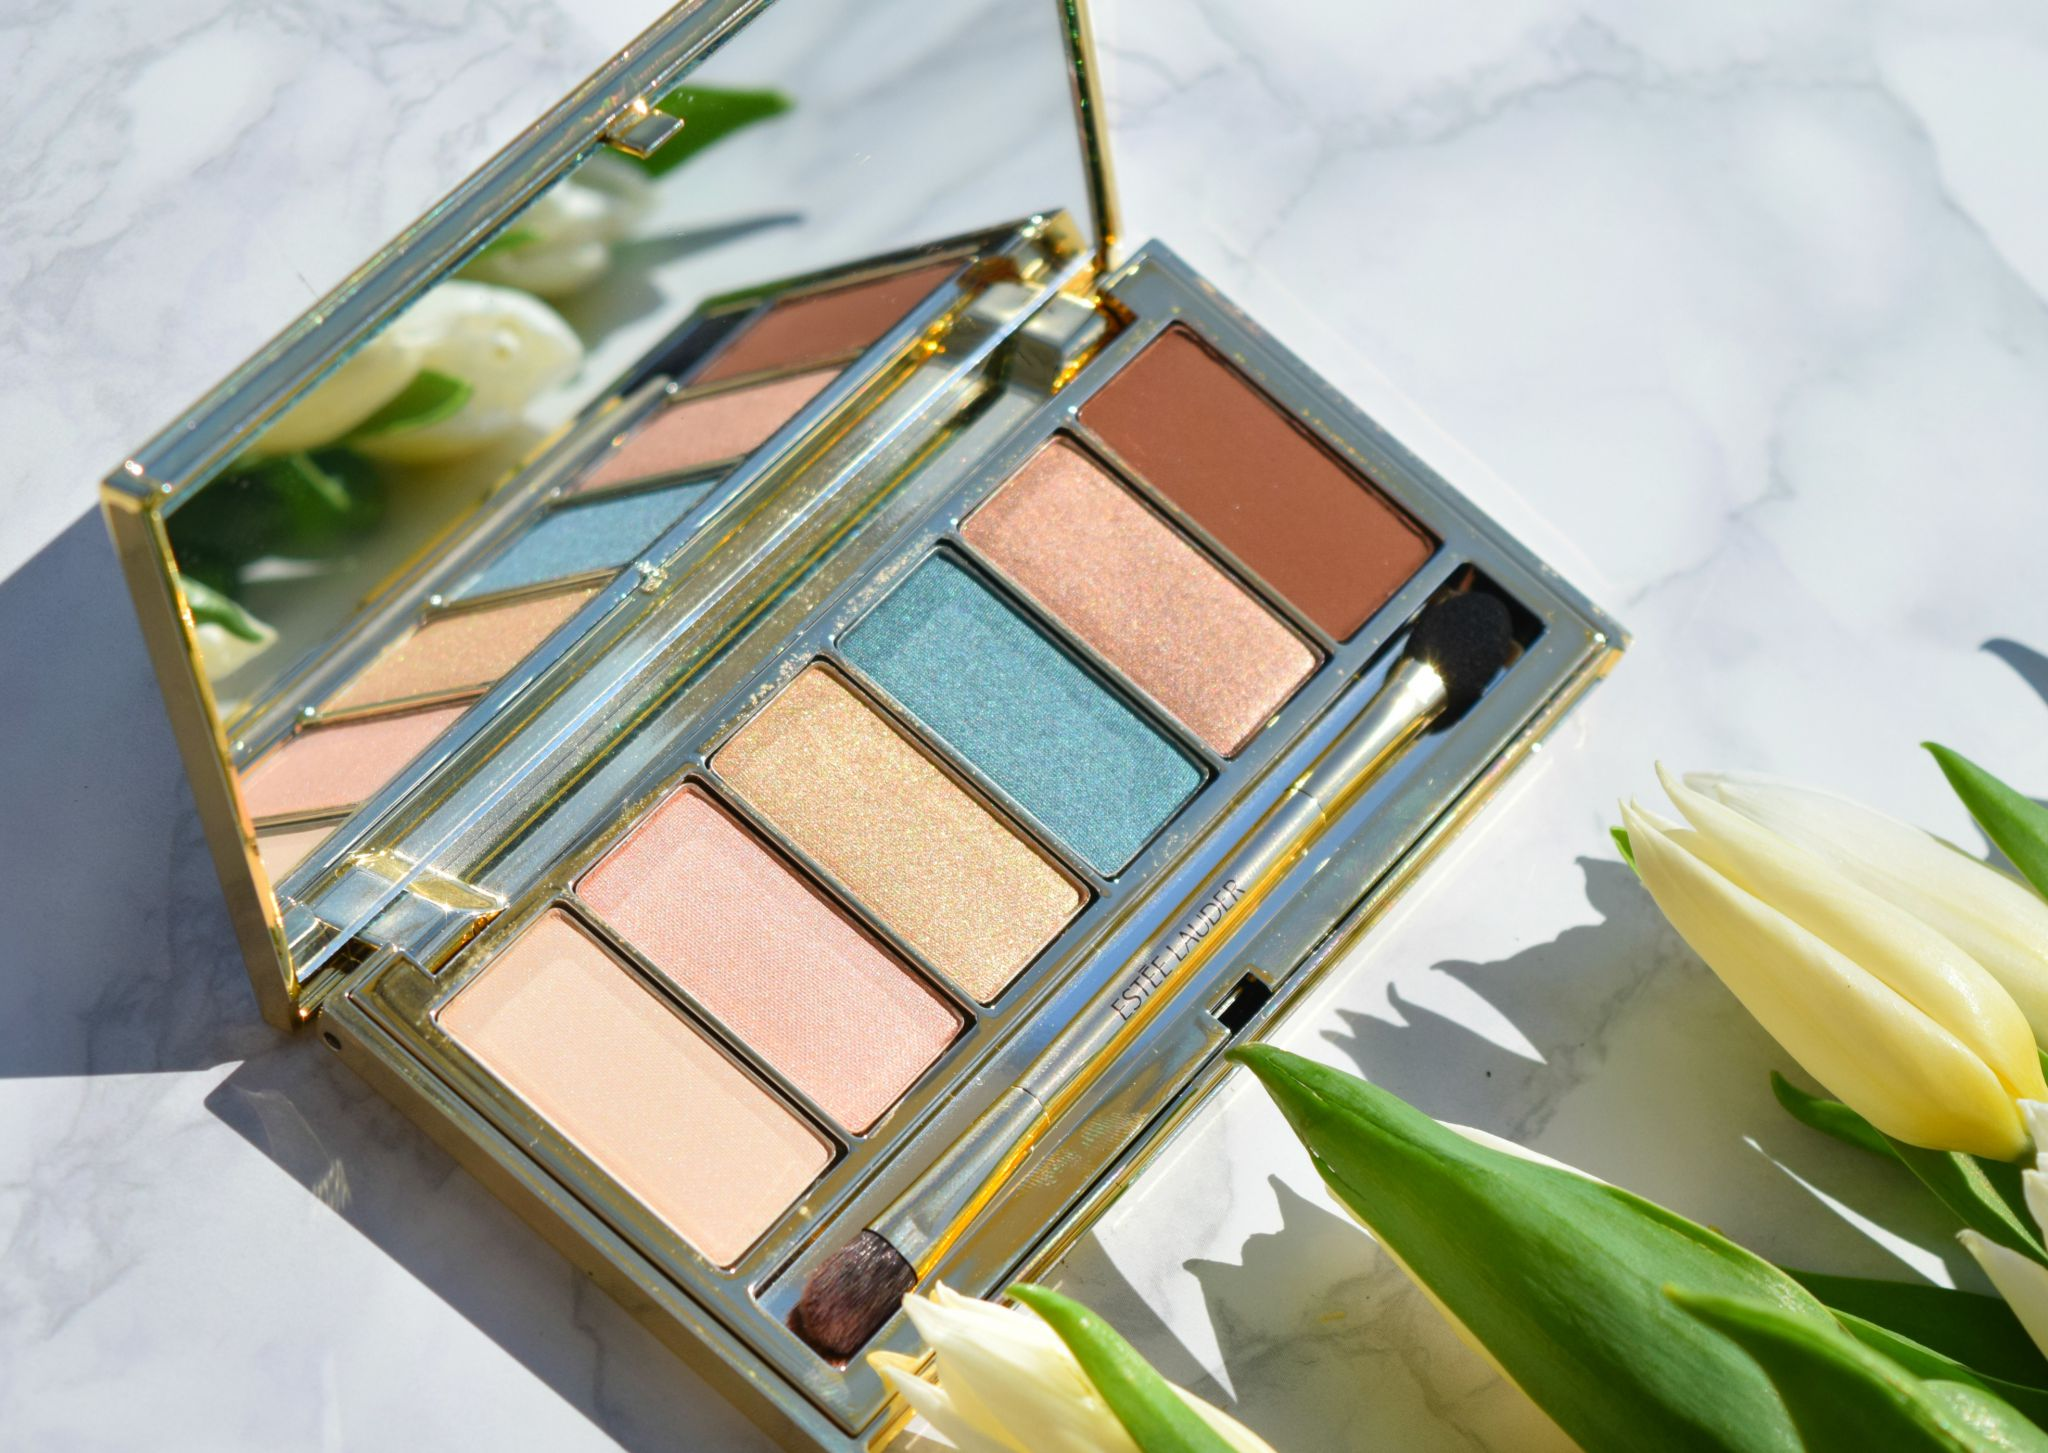 Estee Lauder Bronze Goddess Eyeshadow Palette 2